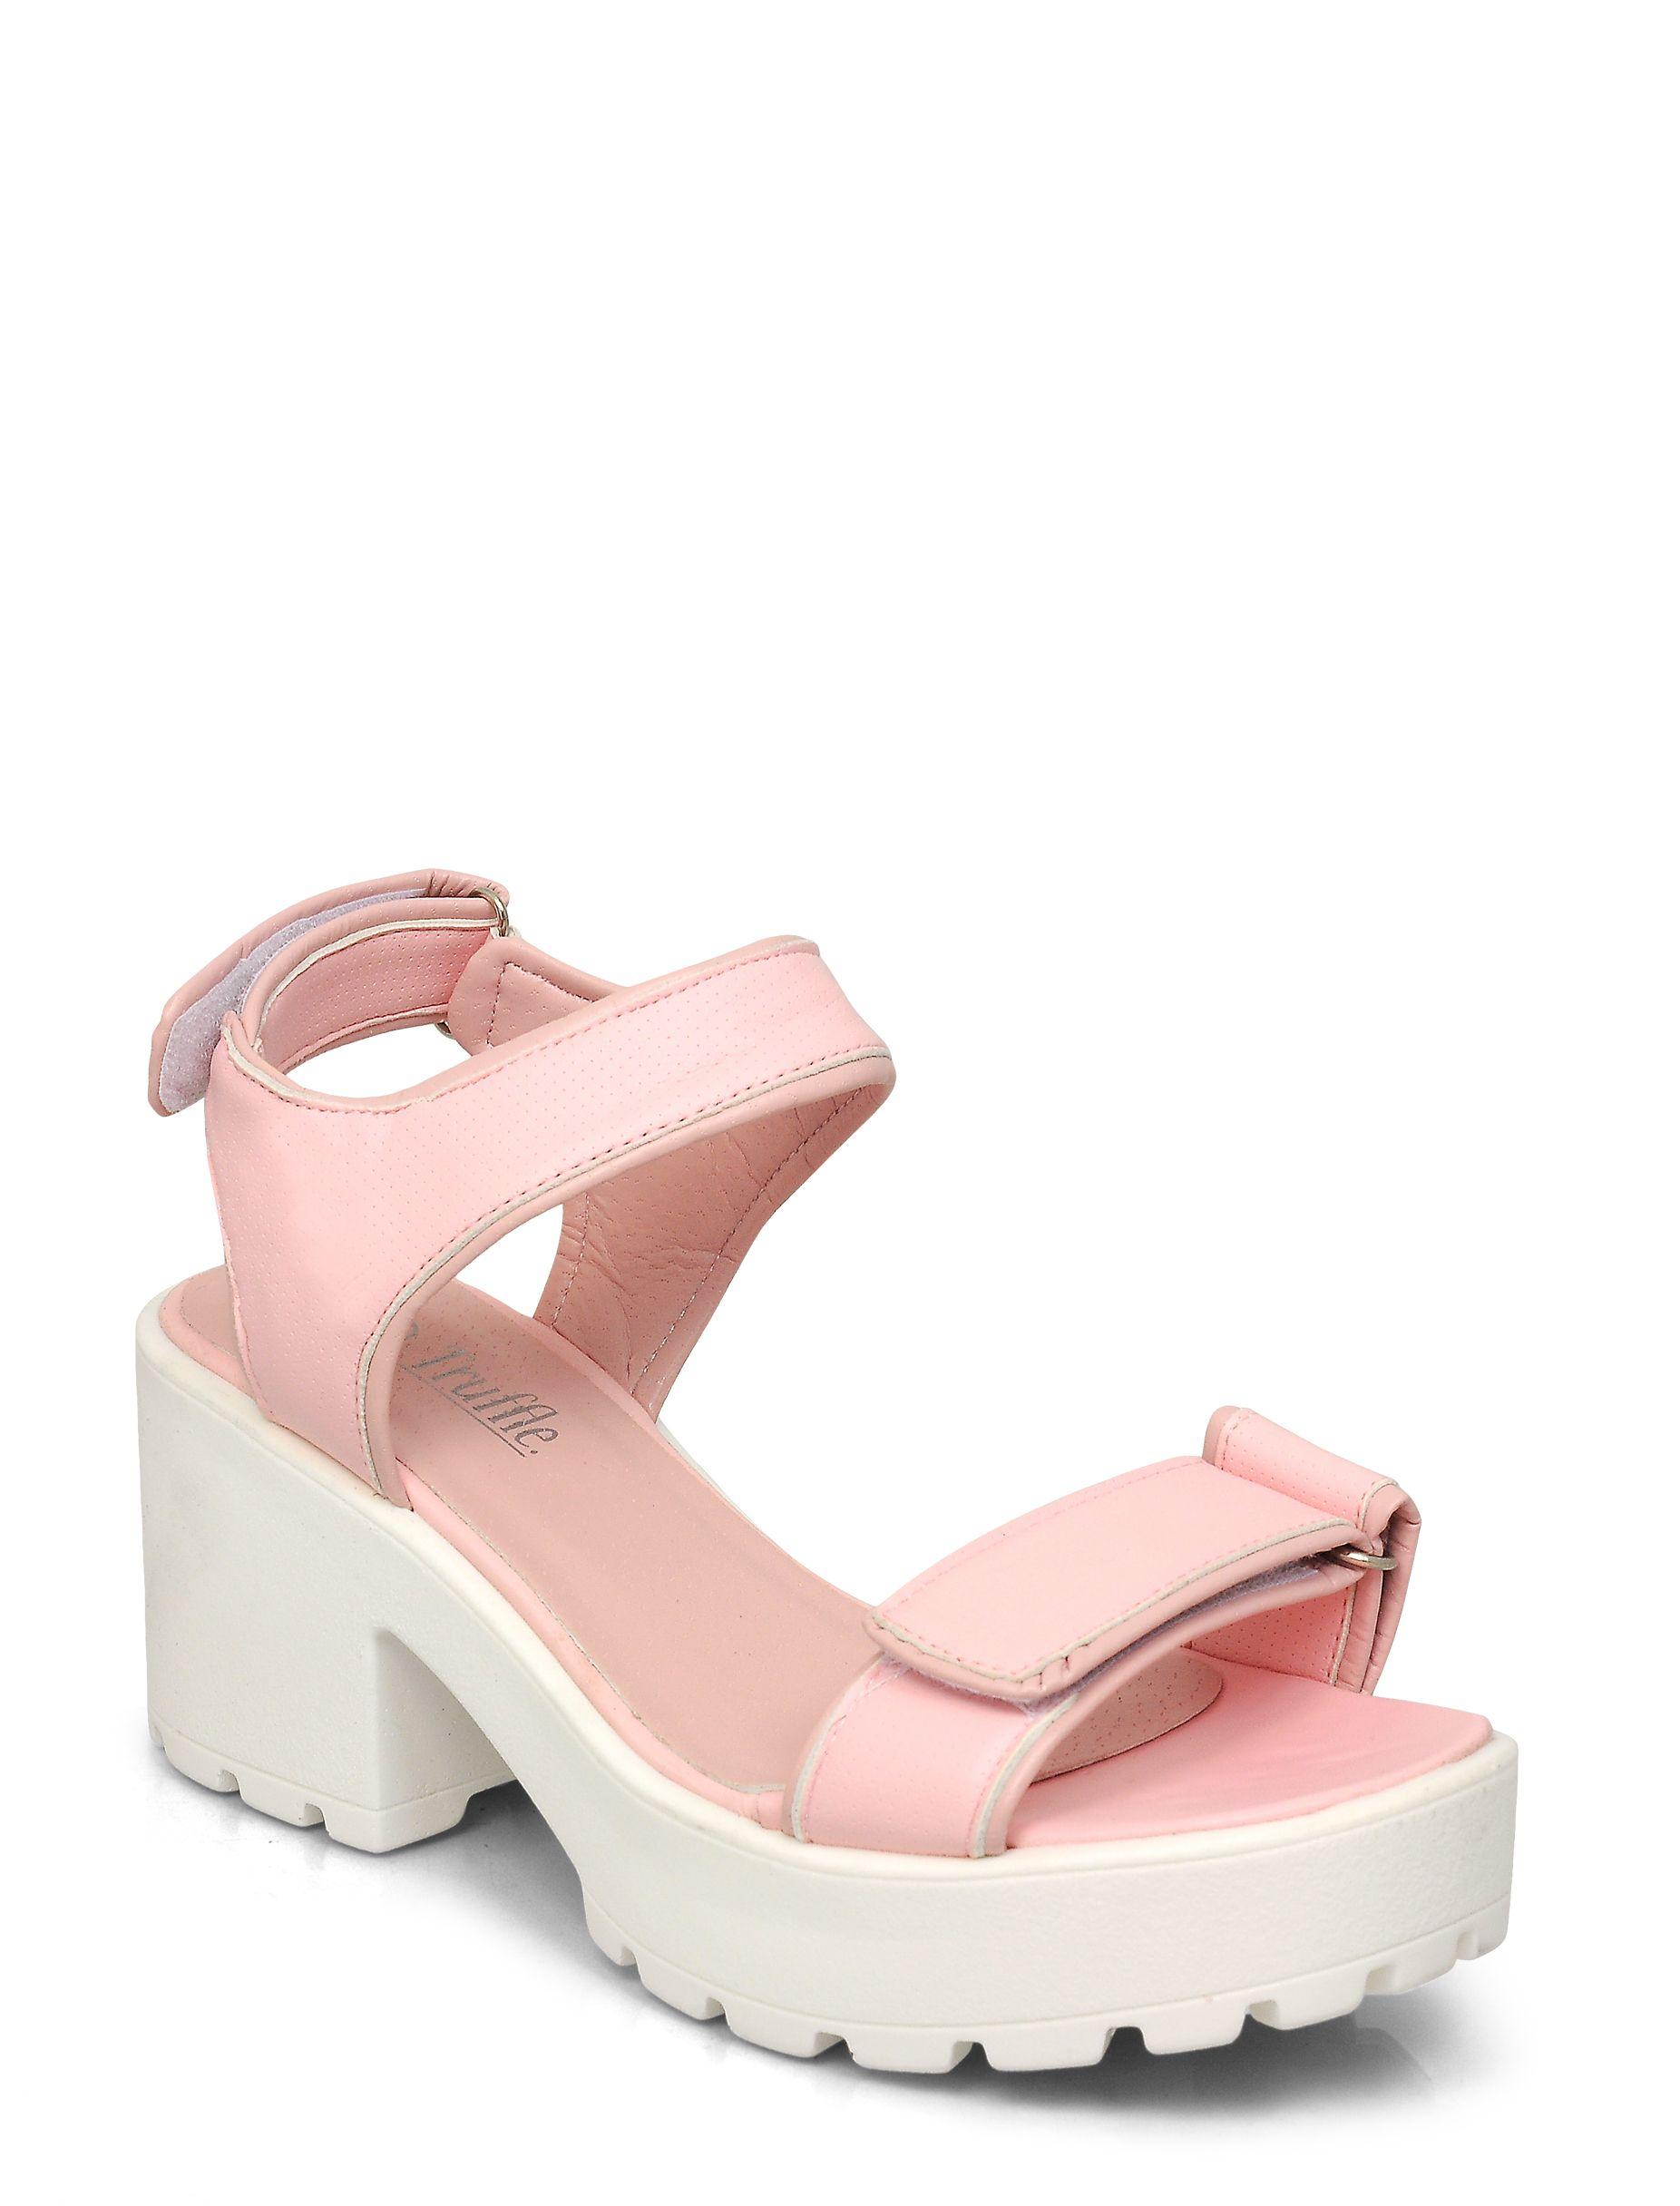 Women's Fashion Clothing, Shoes and Accessories | Shop online | La Moda | Light Pink Velcro Platform Sandal